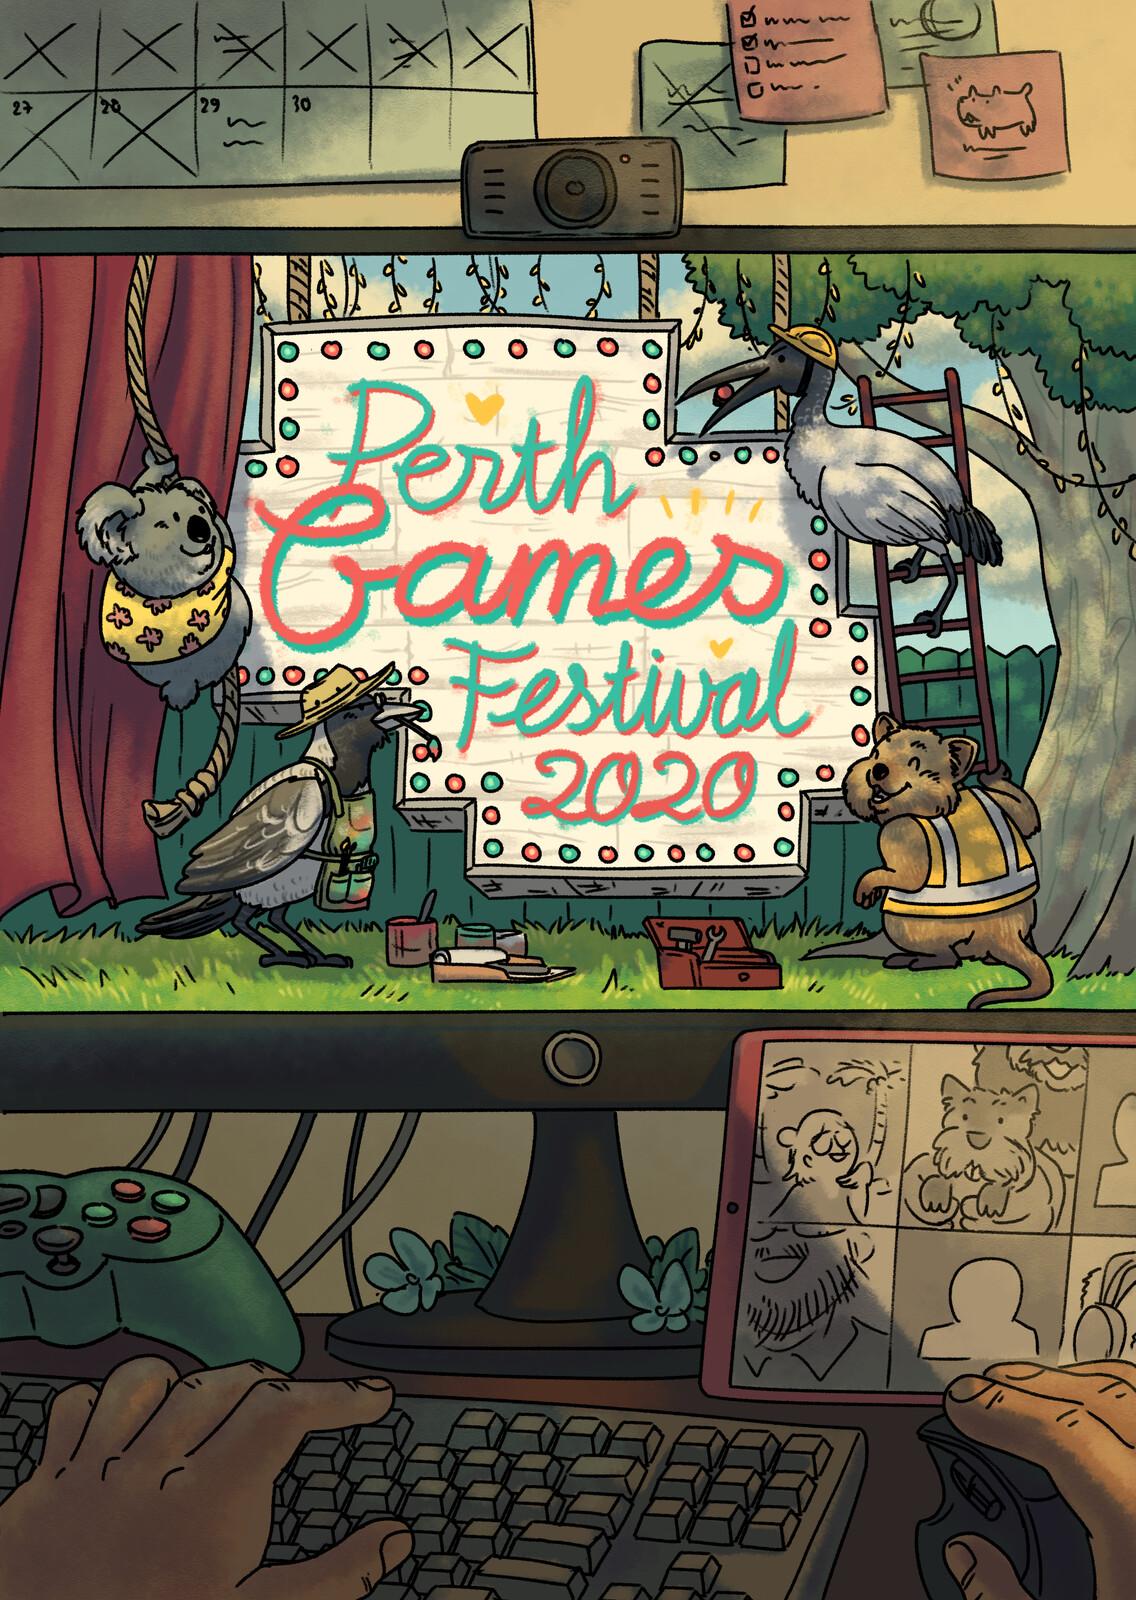 Perth Games Festival 2020